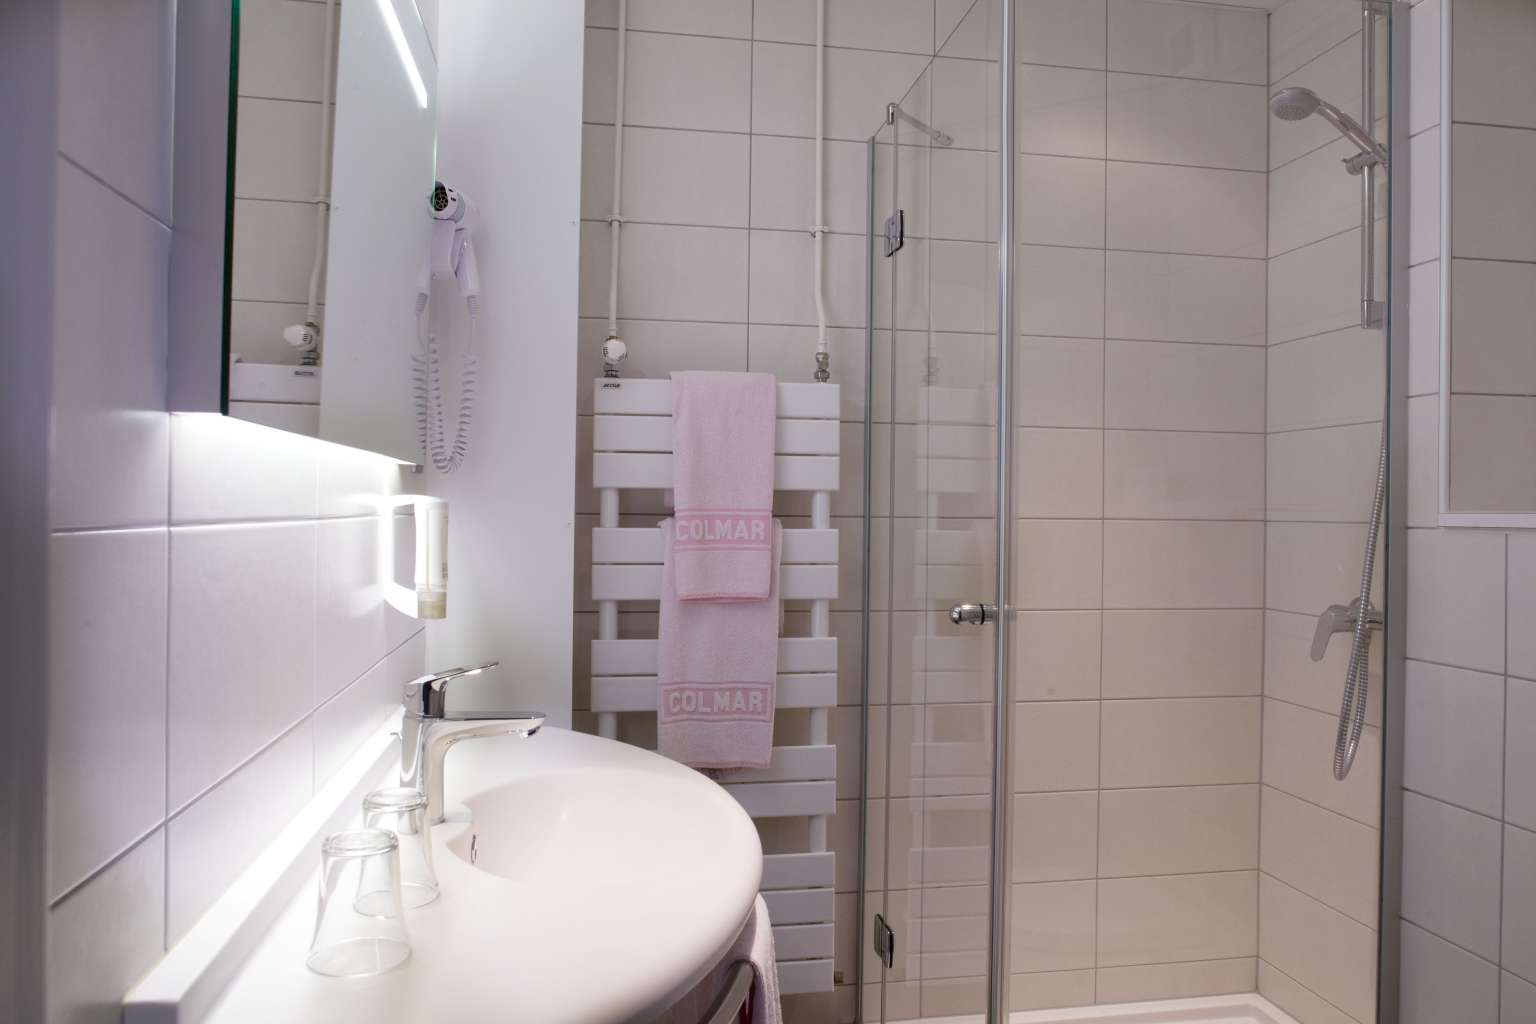 Hôtel Turenne Colmar, Alsace / http://www.turenne.com/